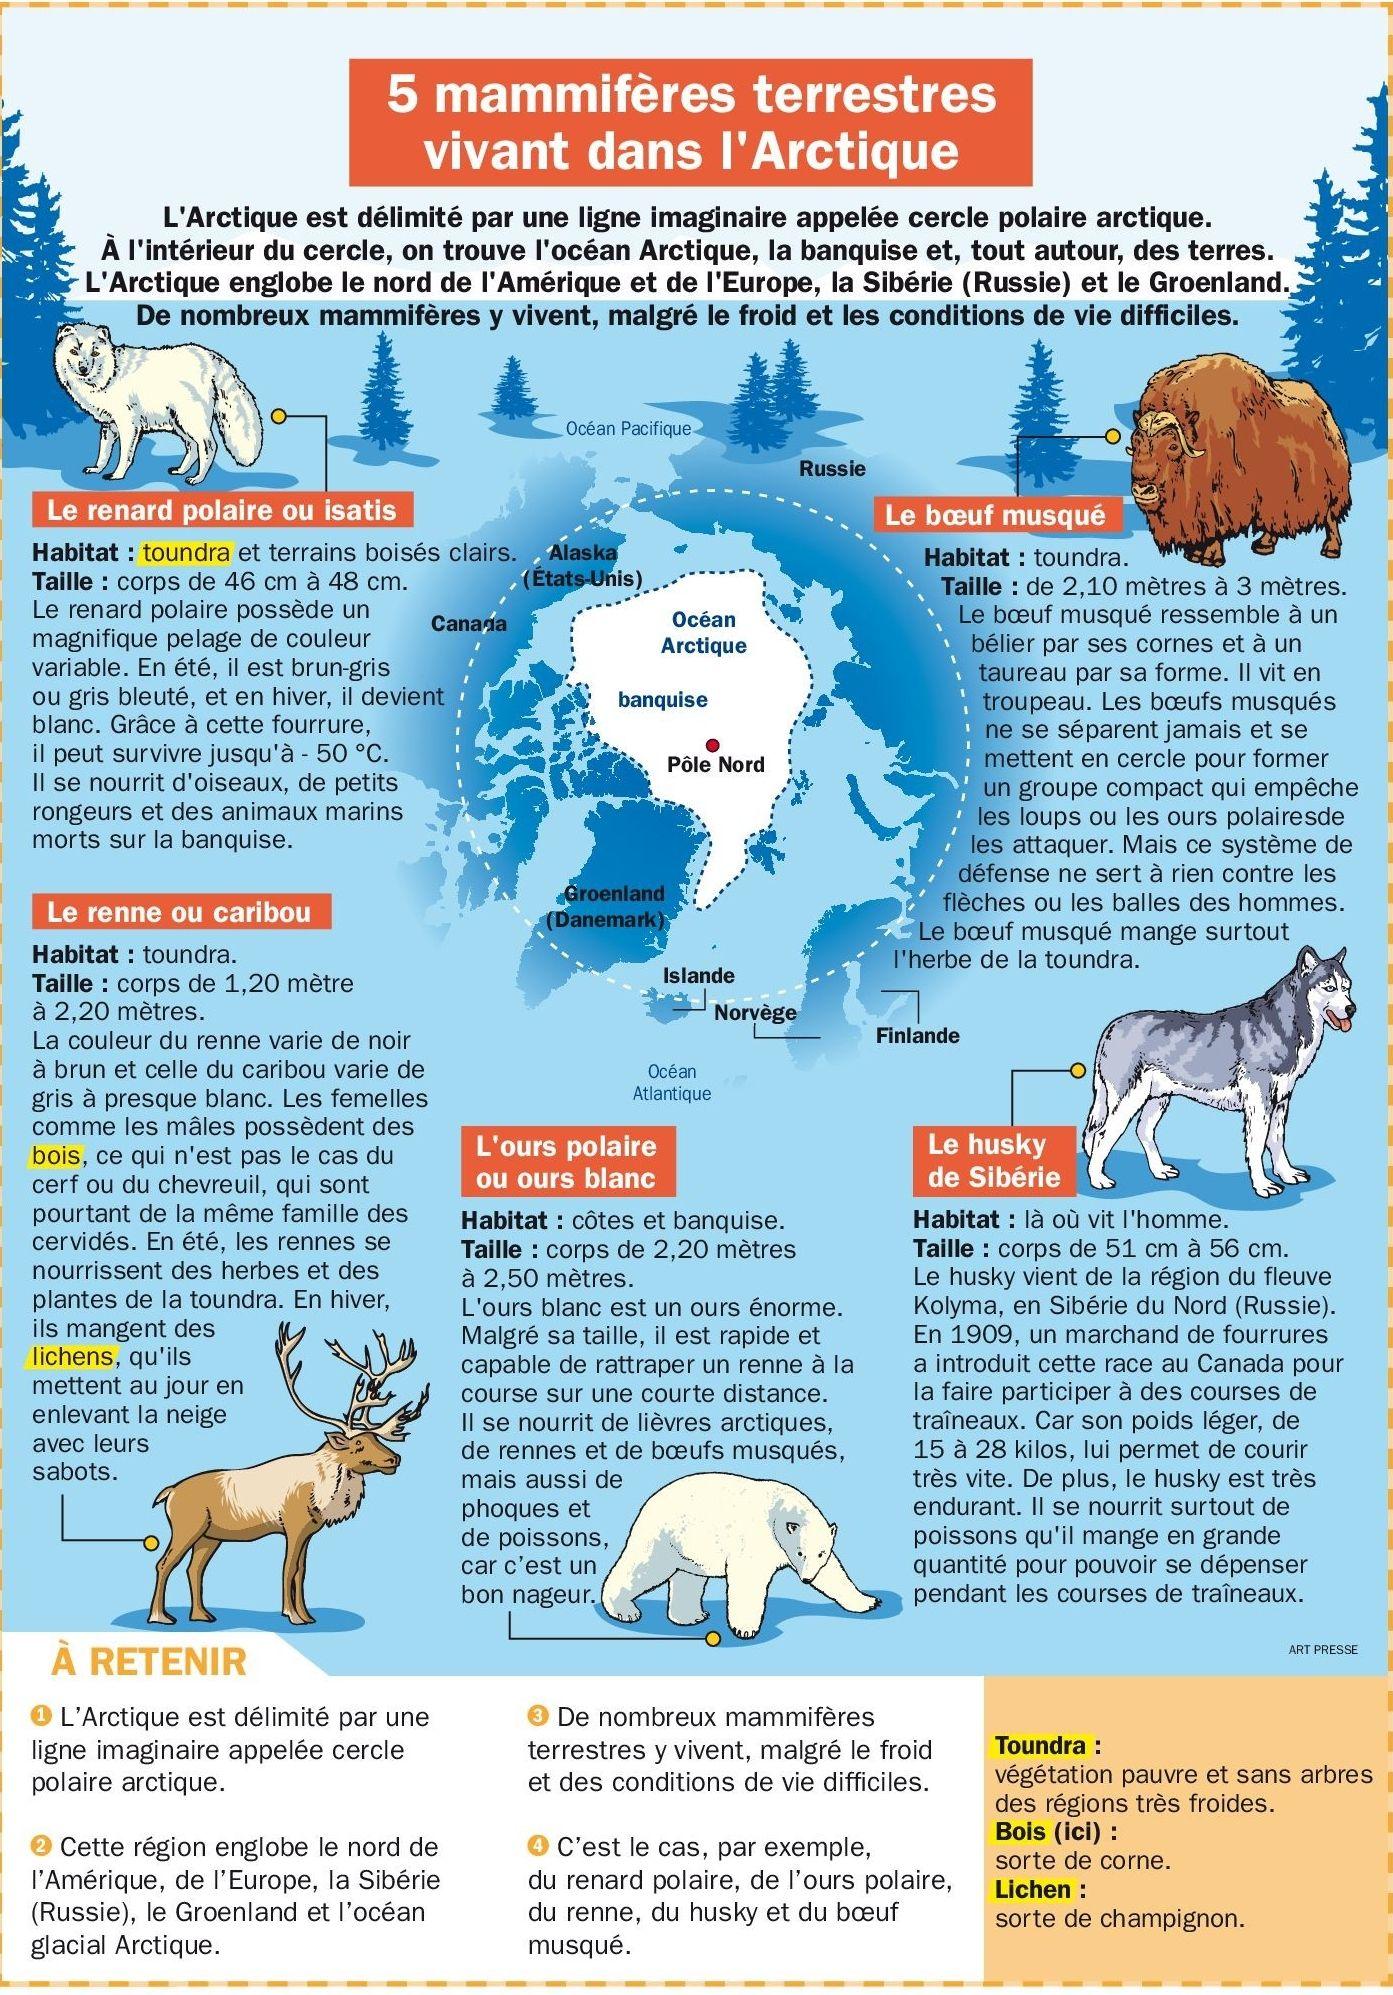 5 mammif res terrestres vivant dans l 39 arctique - Animaux pole nord ...